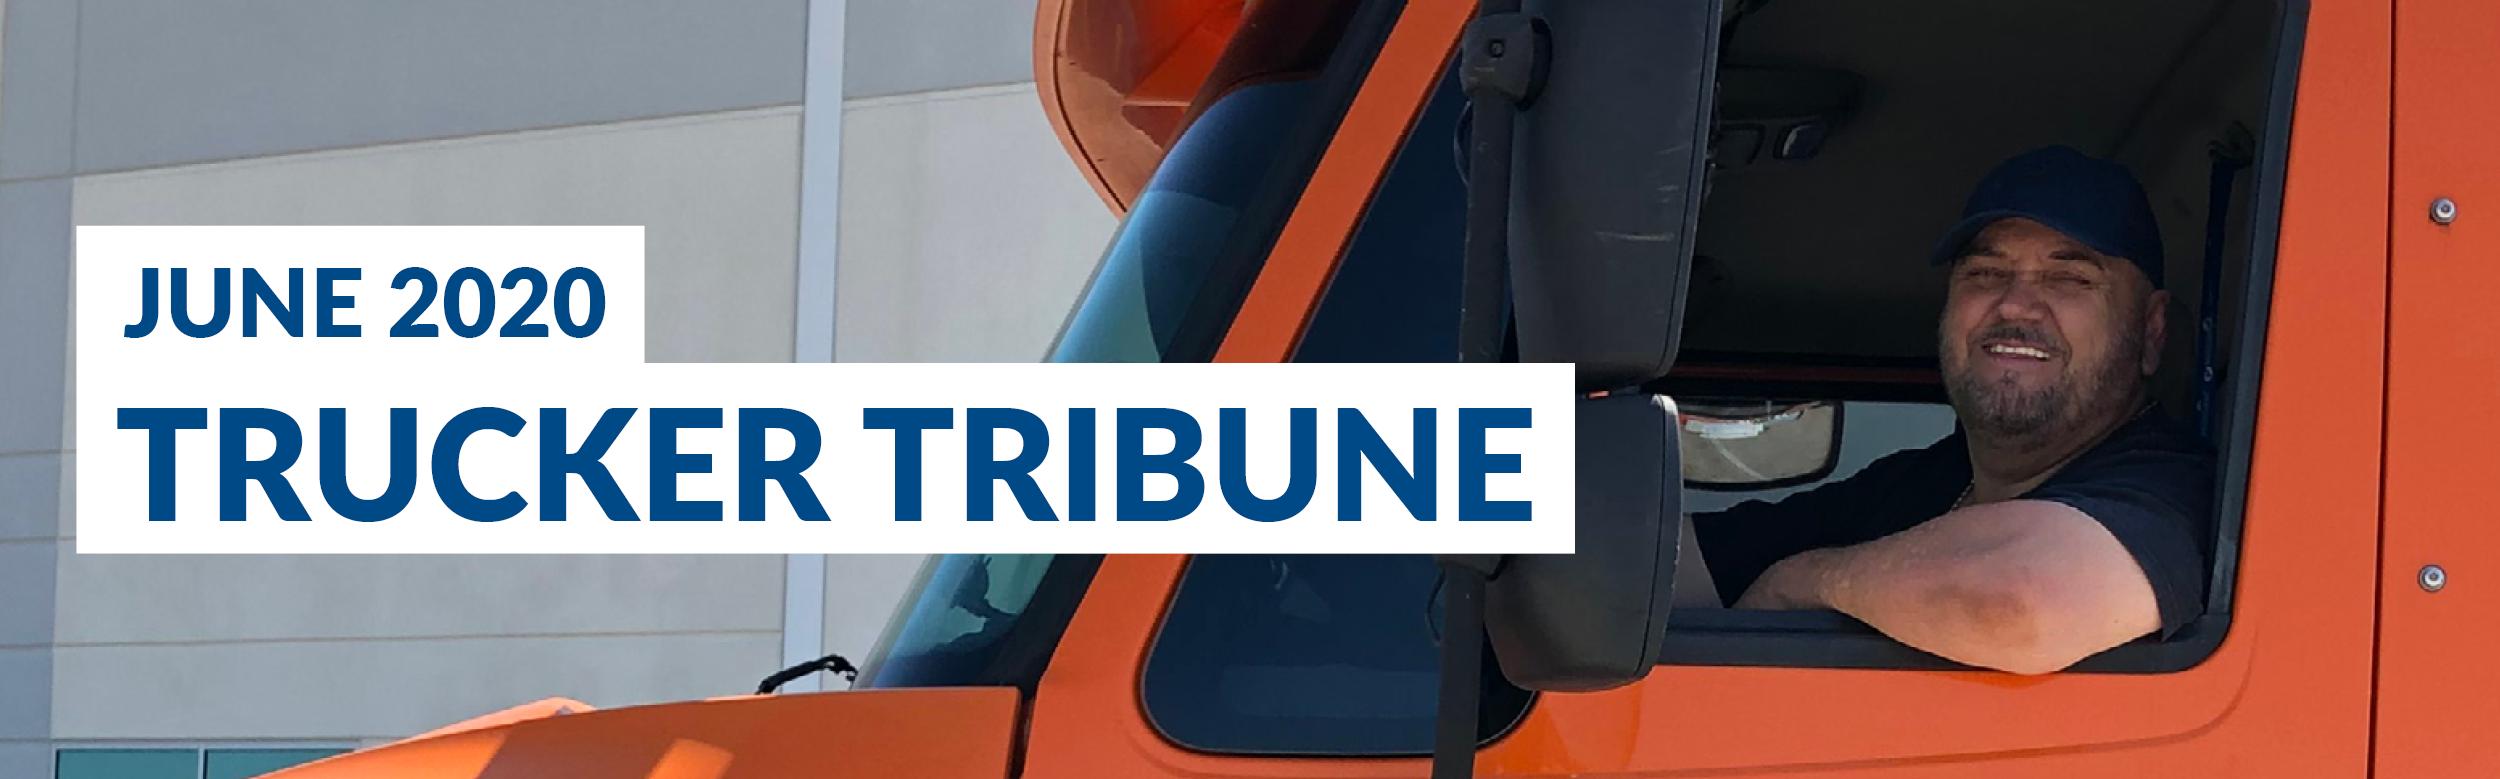 Trucker_Tribune_Header Template_6.10.20_v2